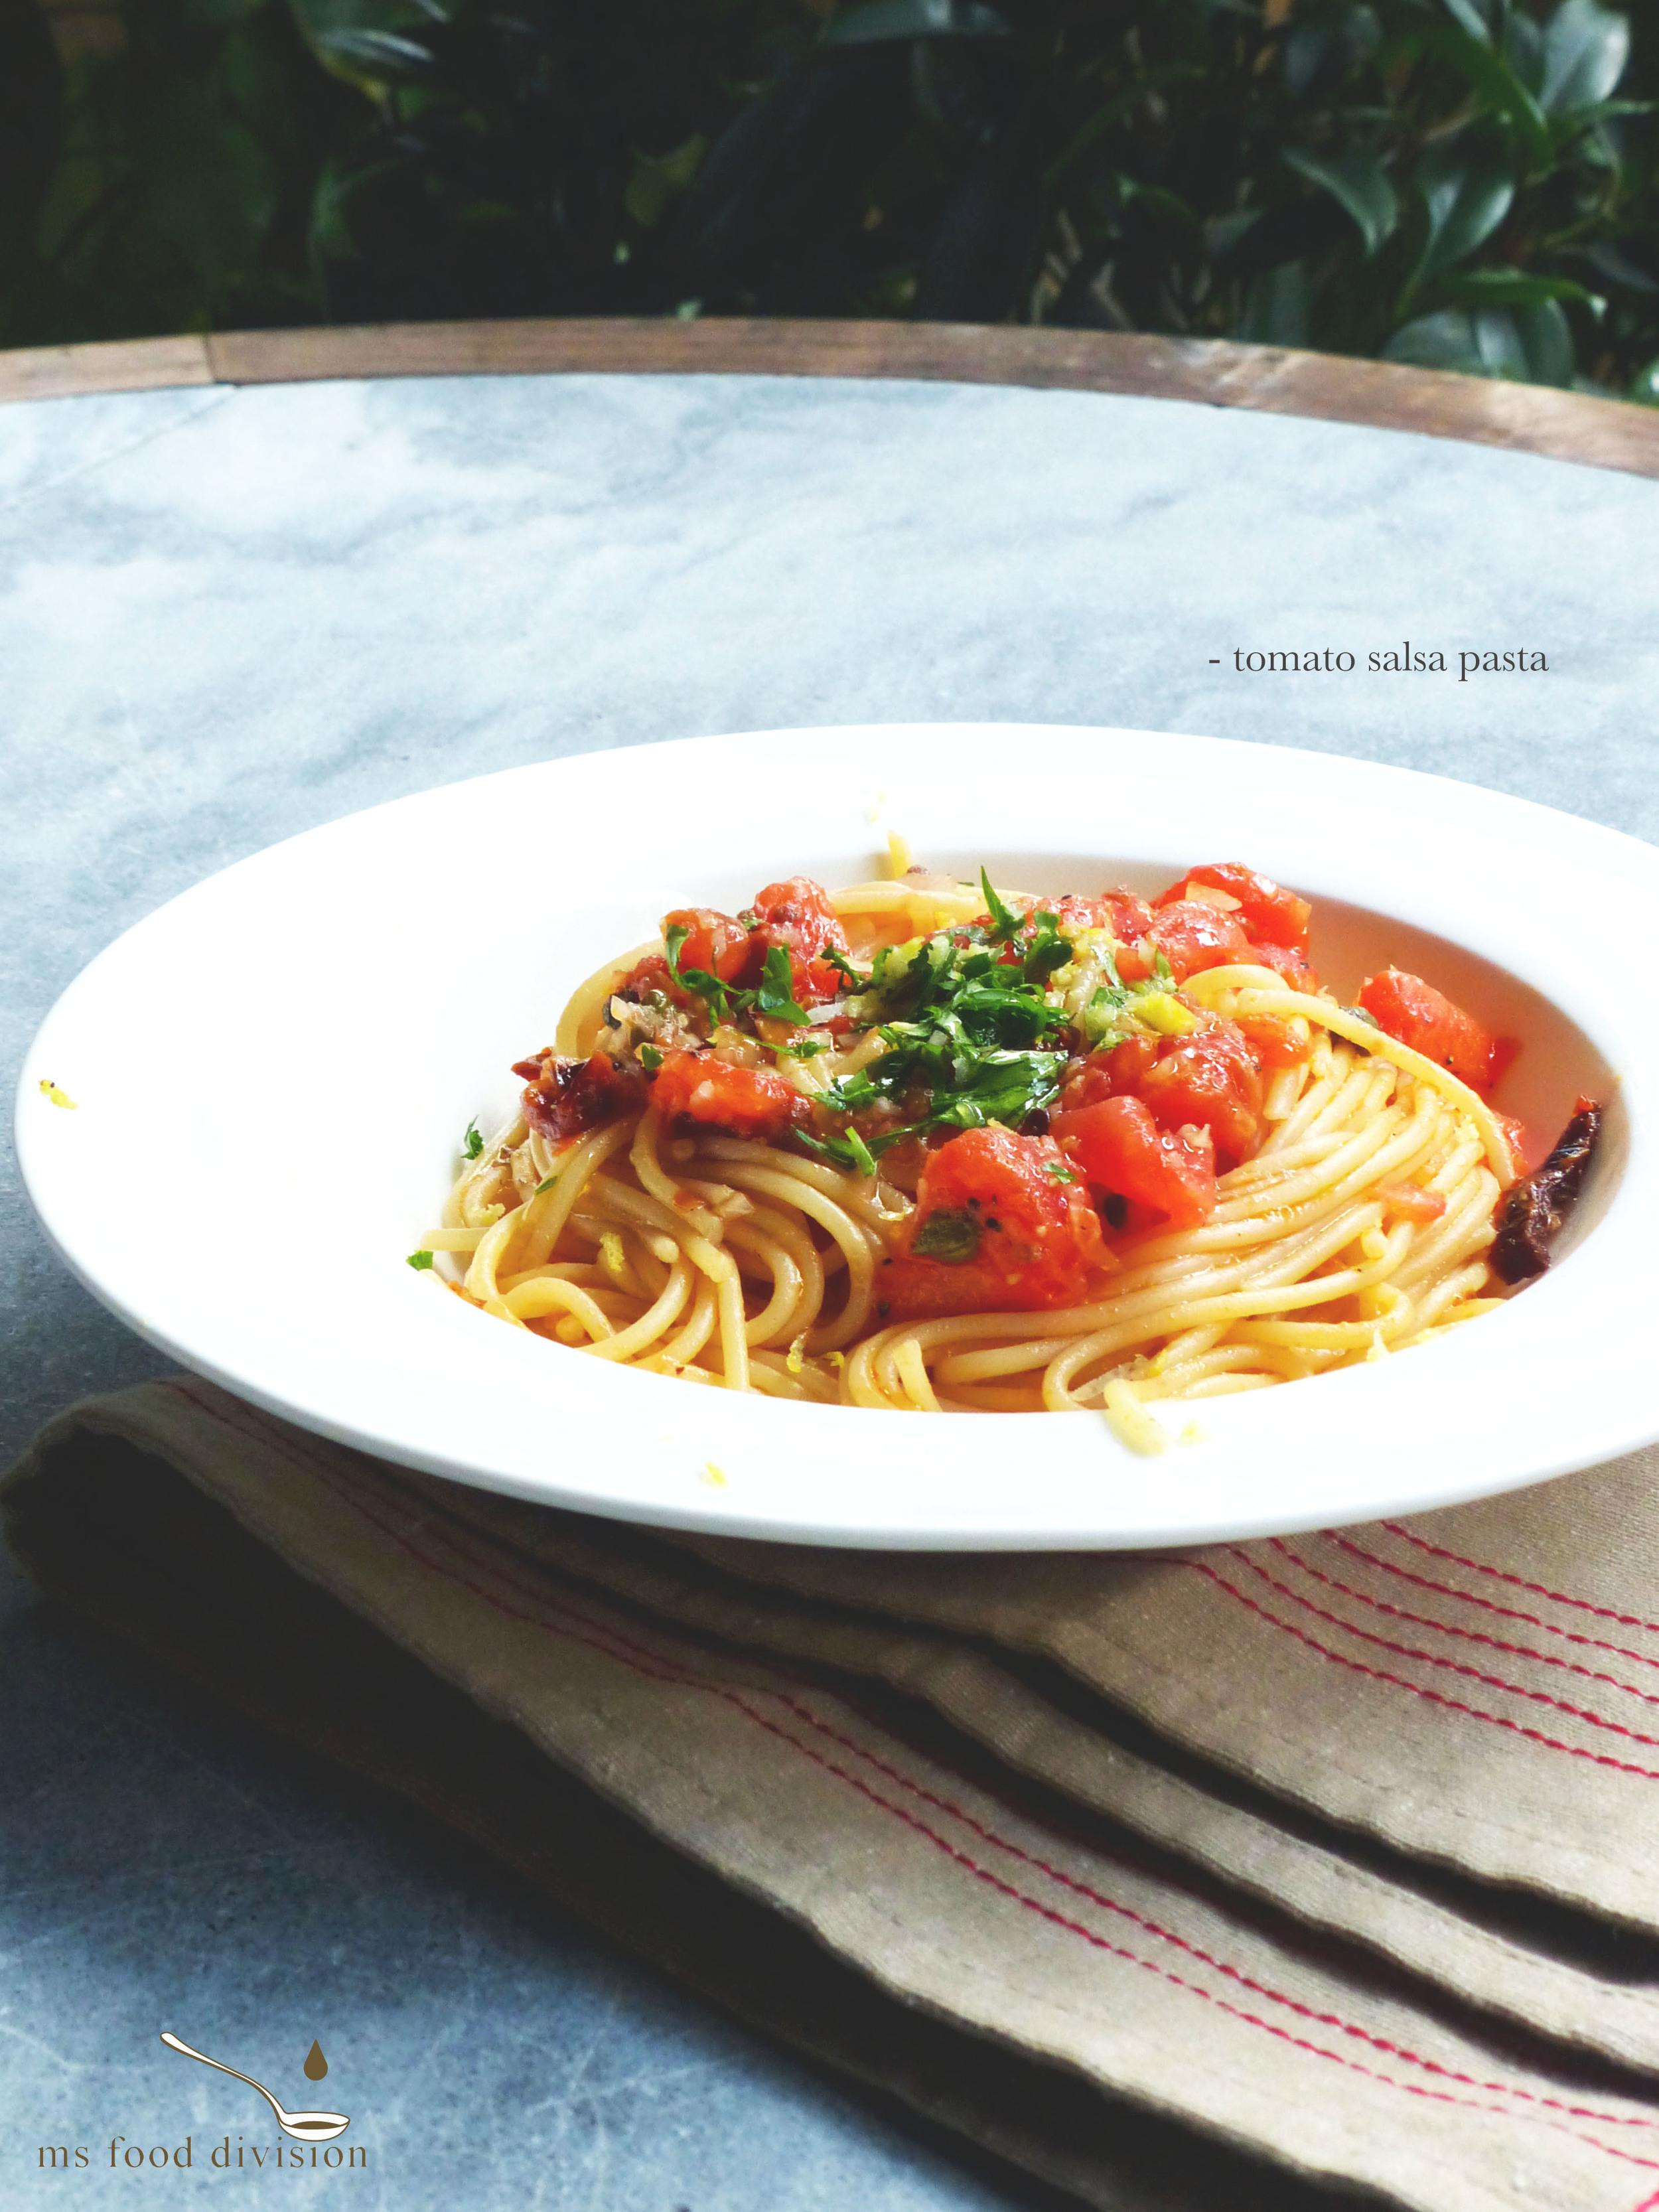 tomato-salsa-pasta3.jpg